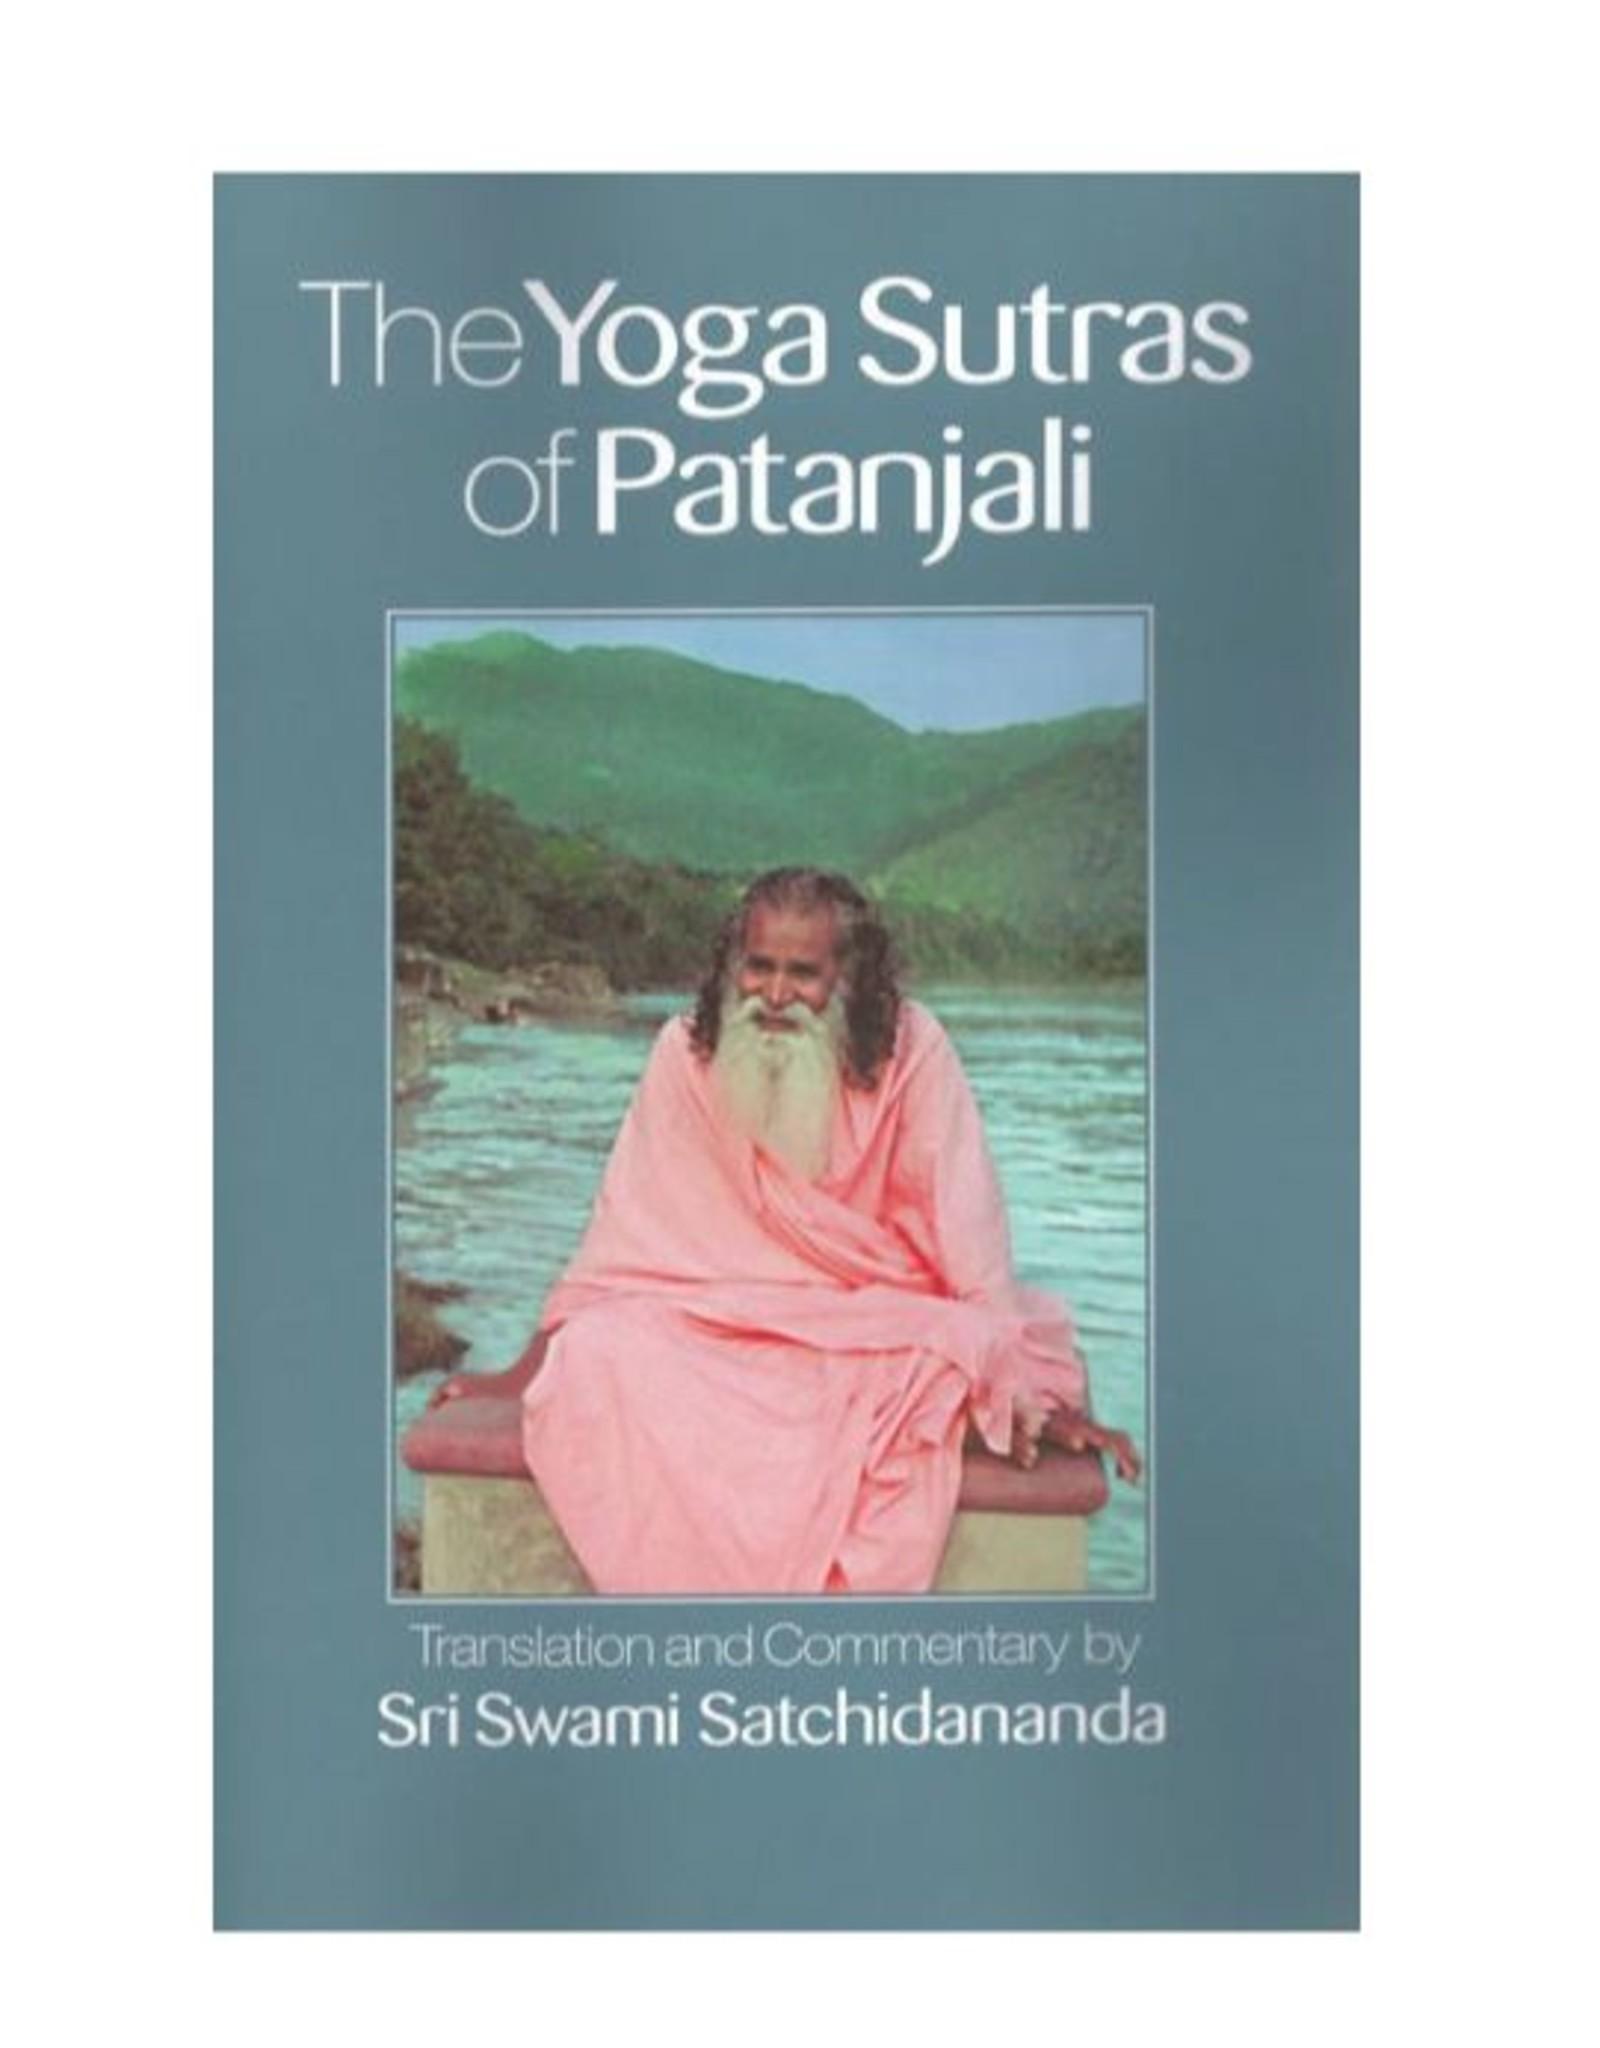 Integral Yoga Distribution Yoga Sutras Of Patanjali - Pocket Edition